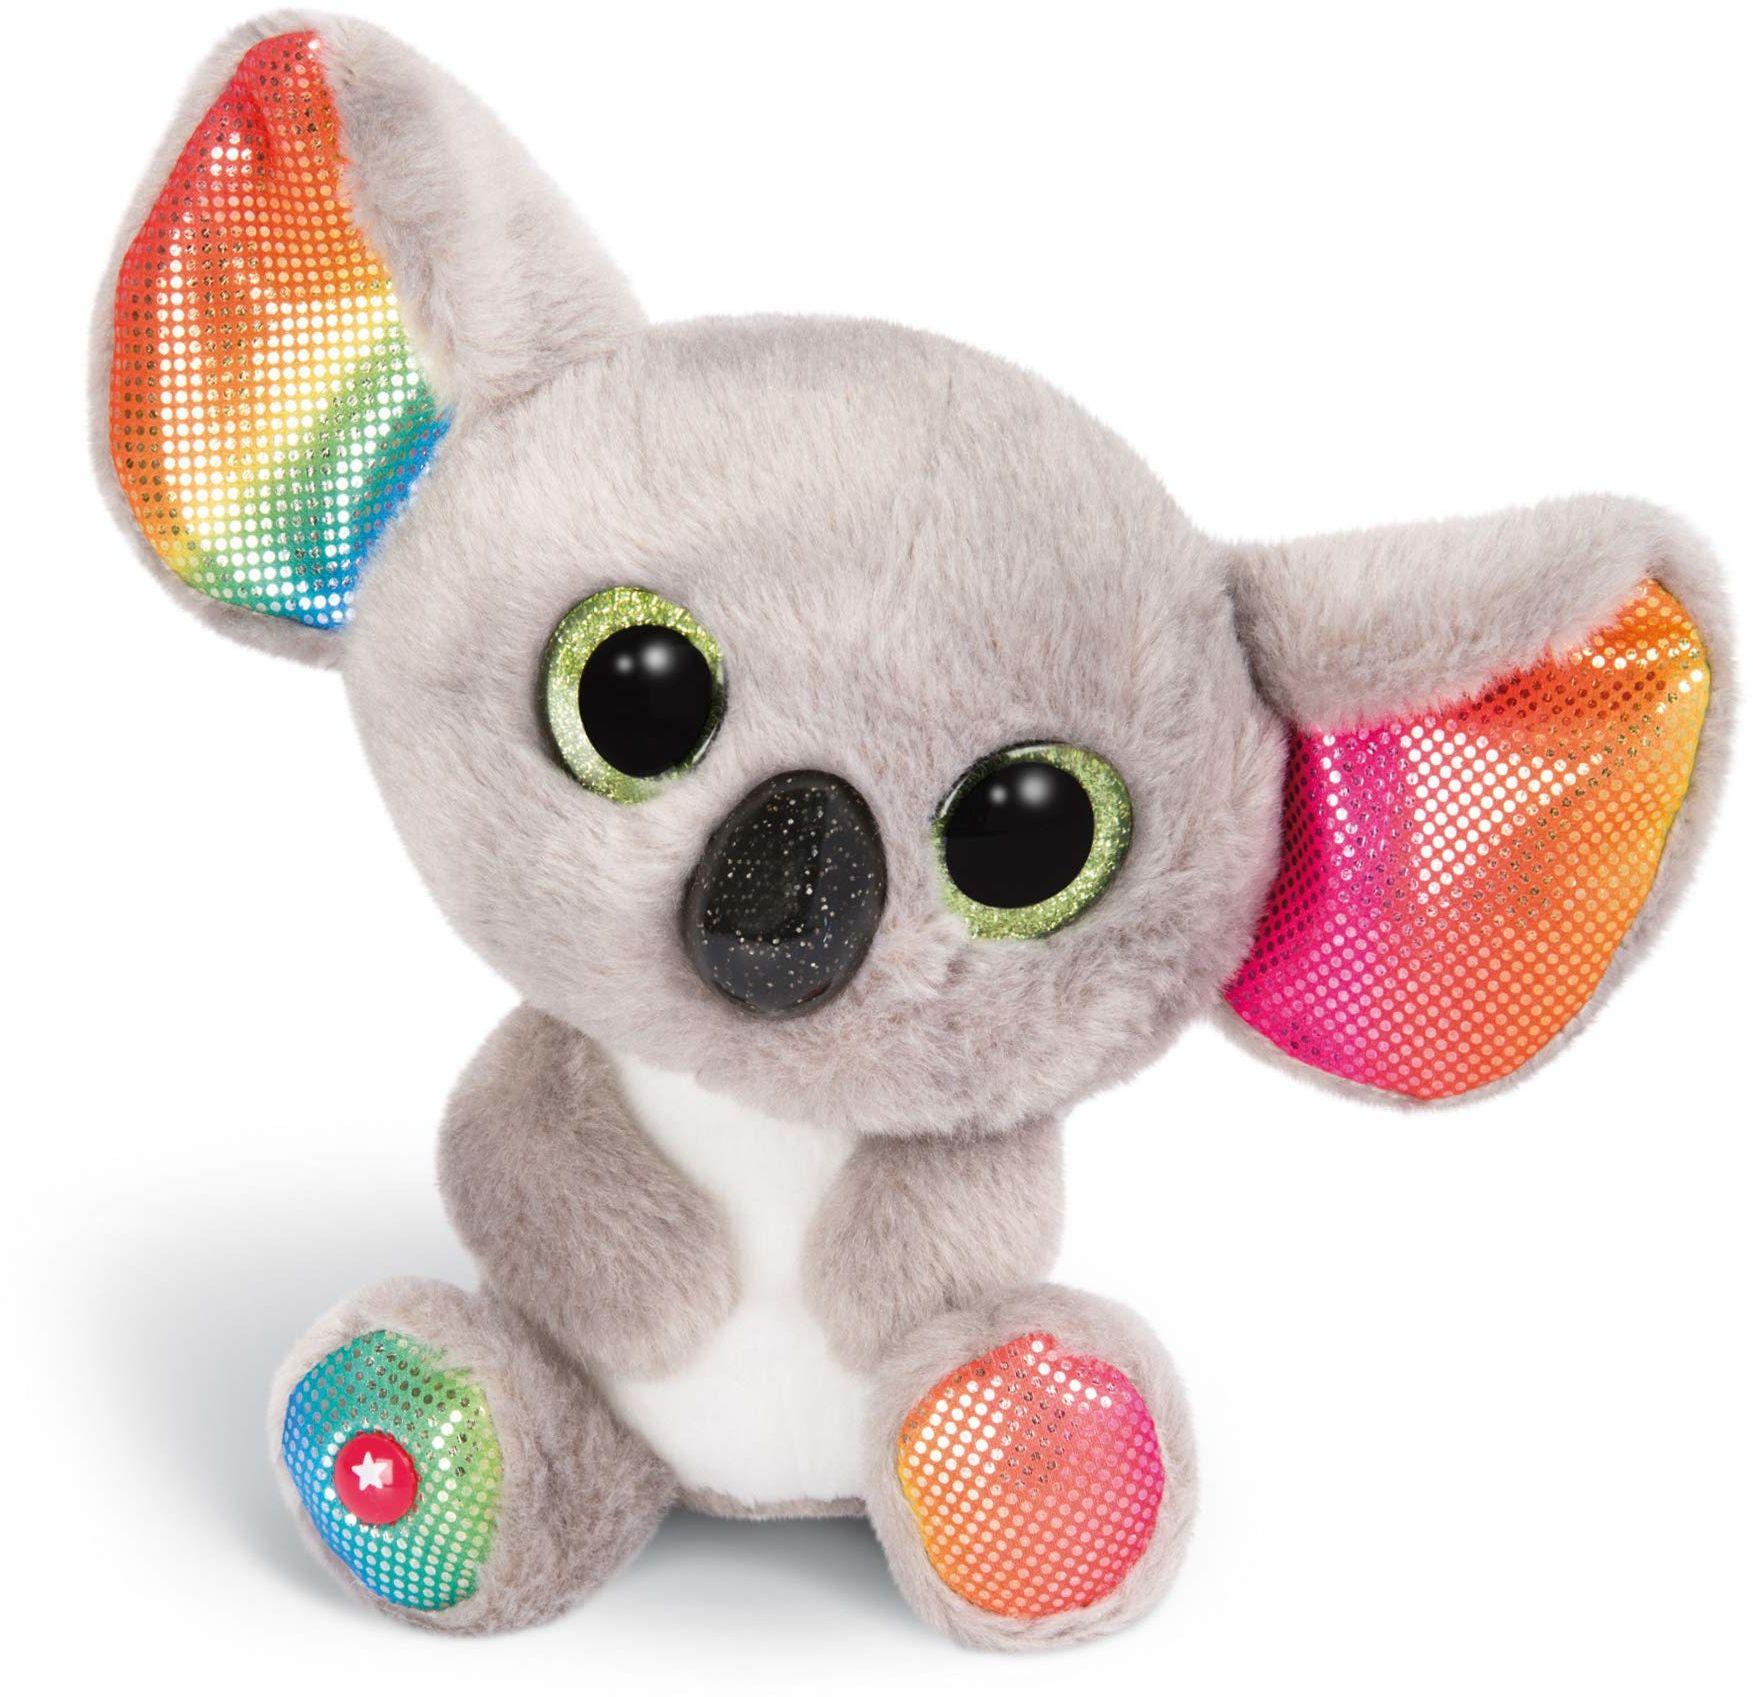 NICI Glubschis: Oryginalny  Glubschis Koala Miss Crayon 15 cm  przytulanka koala z dużymi oczami  pluszowy pluszak z dużymi błyszczącymi oczami  przytulanka dla miłośników pluszaków  46319